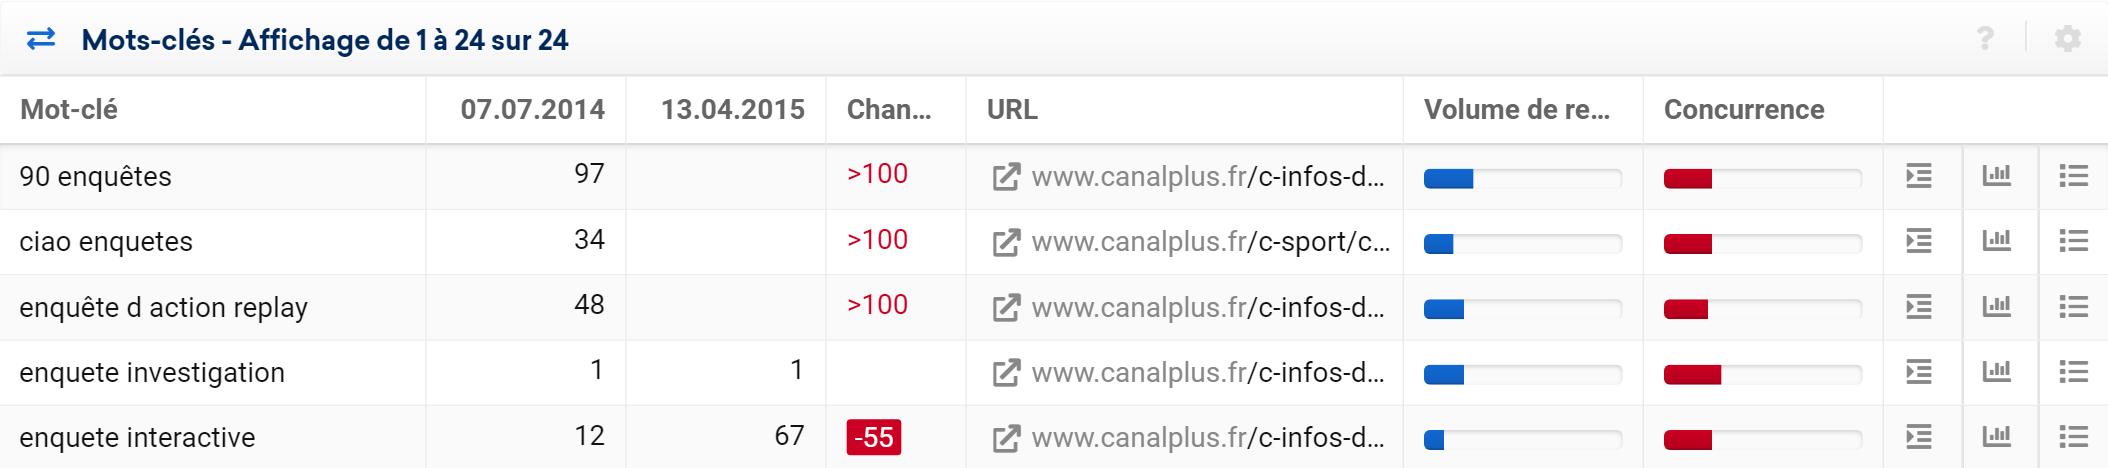 exemple déréférencement de mot-clés canalplus.fr